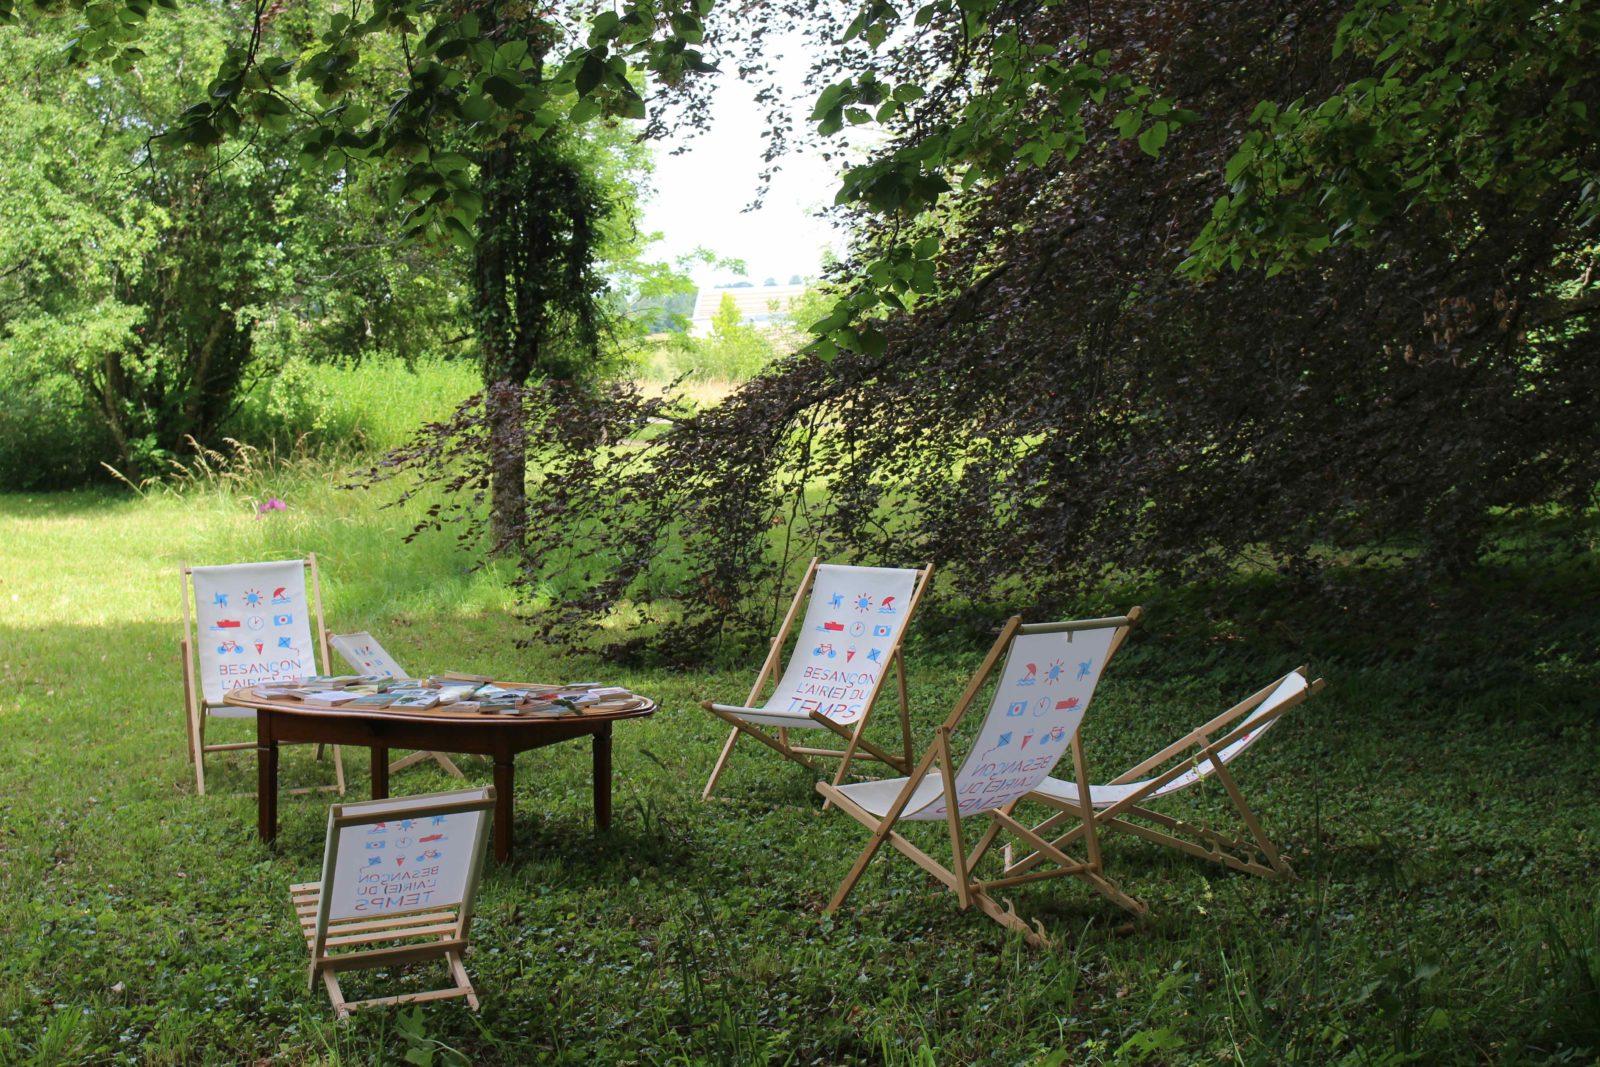 Monts-Boucons Besançon Colette chaises longues l'air(e) du temps